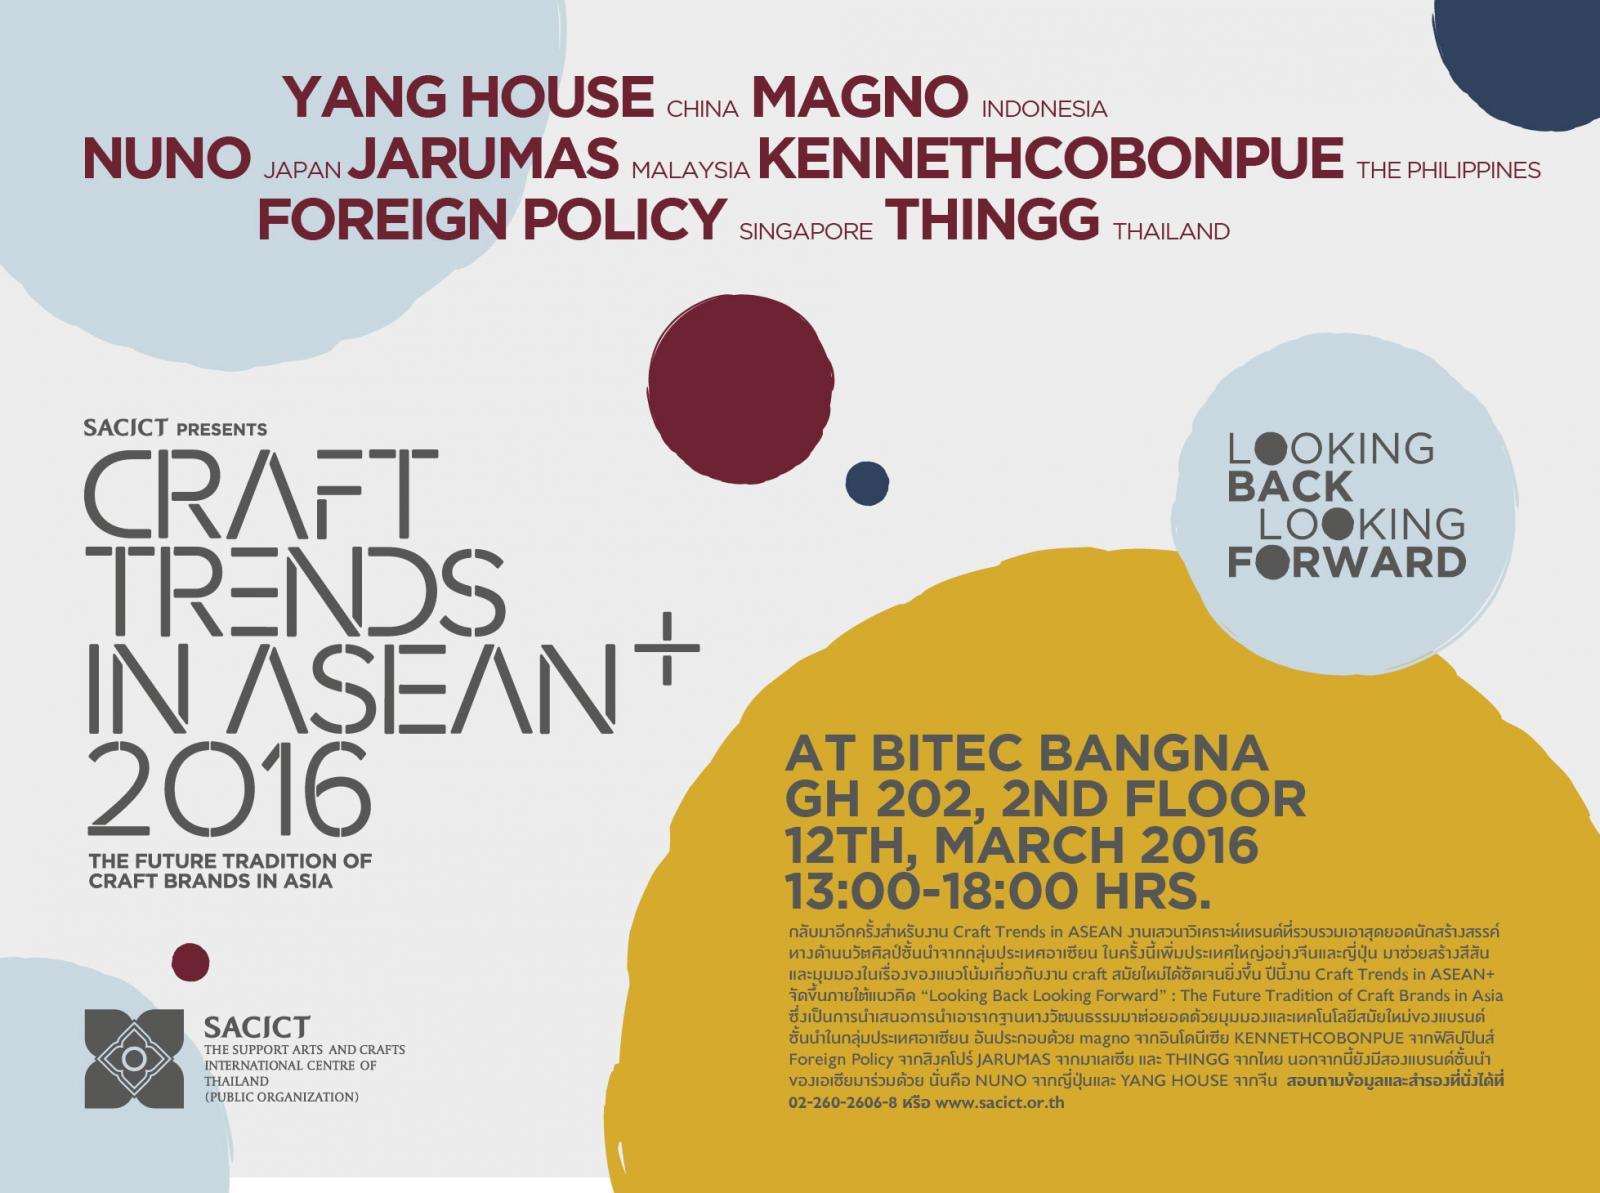 พบ 7 ดีไซเนอร์ชั้นนำของเอเชีย ในงาน Craft Trends in ASEAN+ 2016